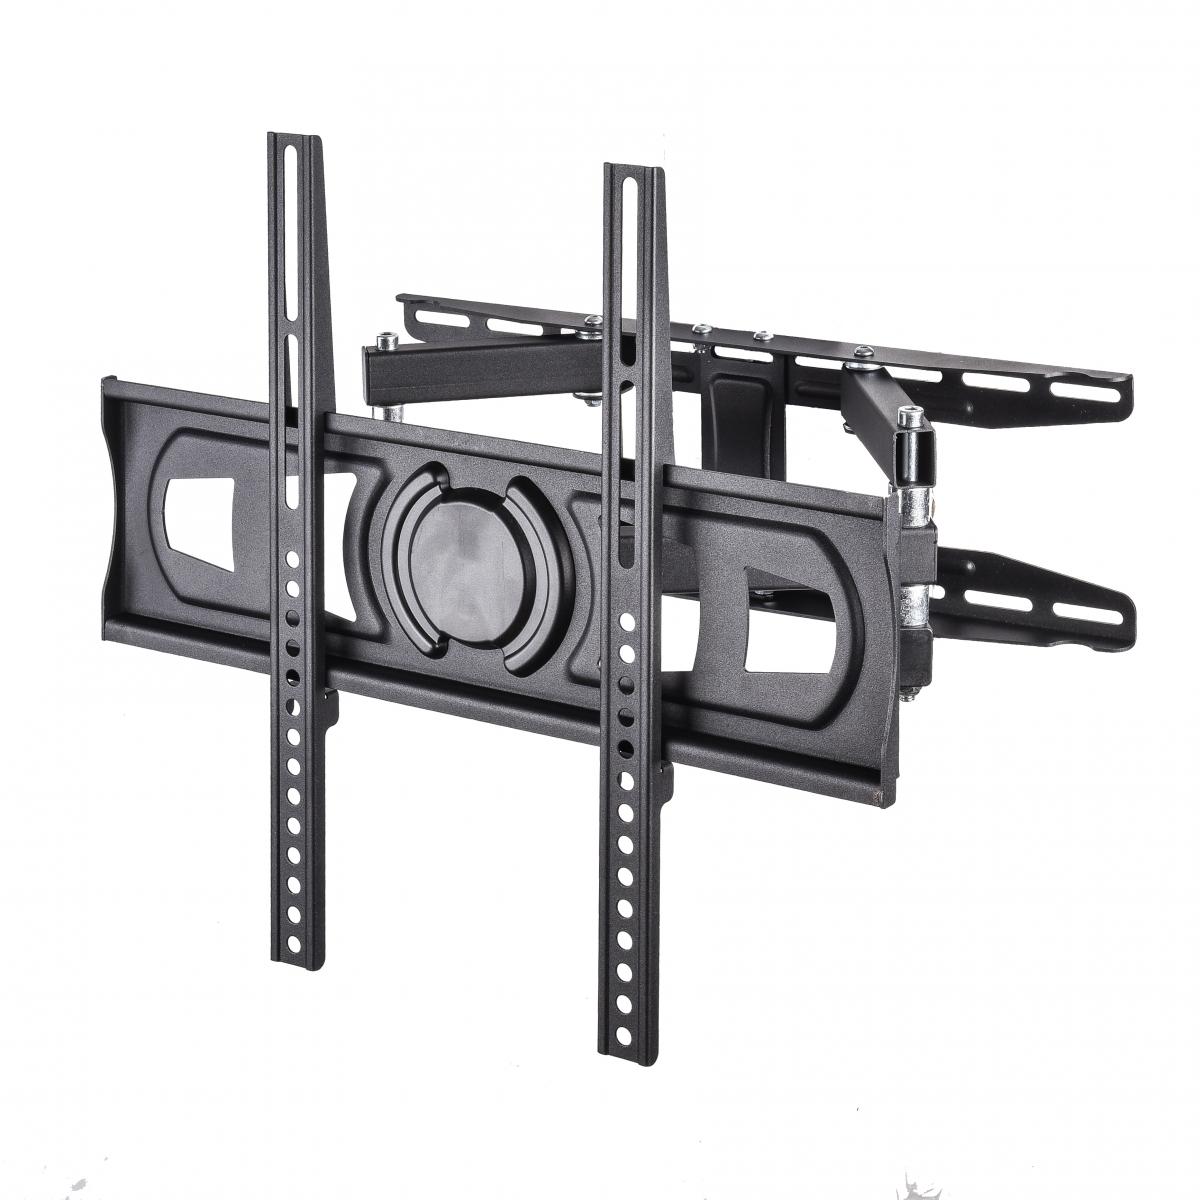 Link LK10031 Staffa a Muro Fissa Ultrasottile per TV 23-42 Fino a Vesa 200X200